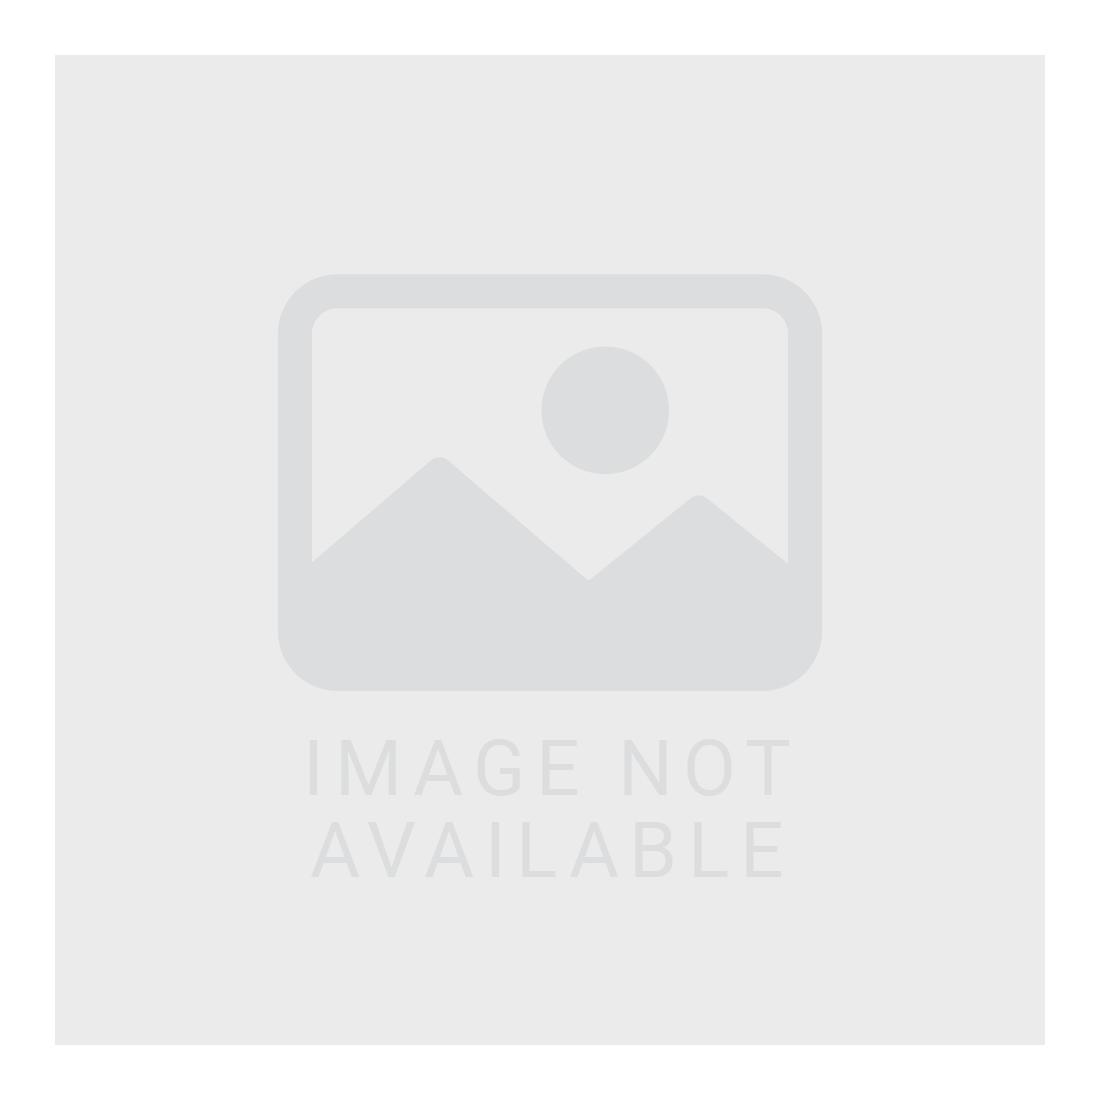 Cirrus 20L Waterproof Backpack